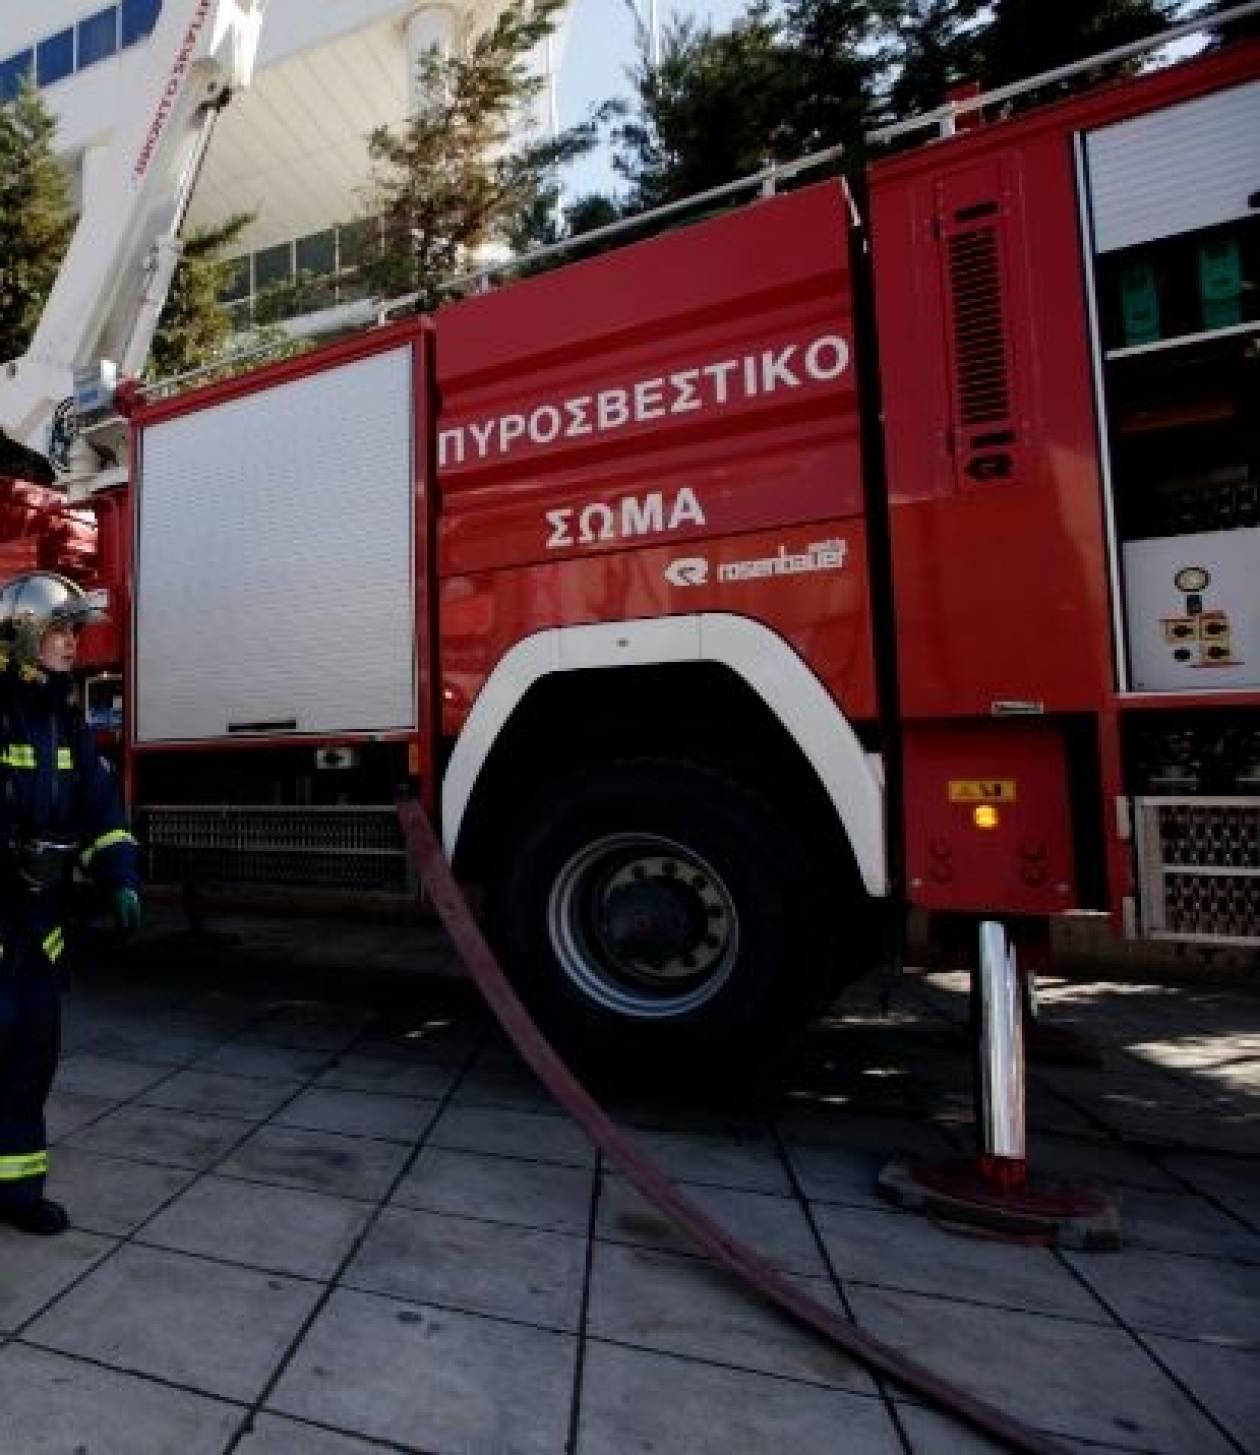 Εύβοια: Φωτιά σε εργοστάσιο στα Πολιτικά